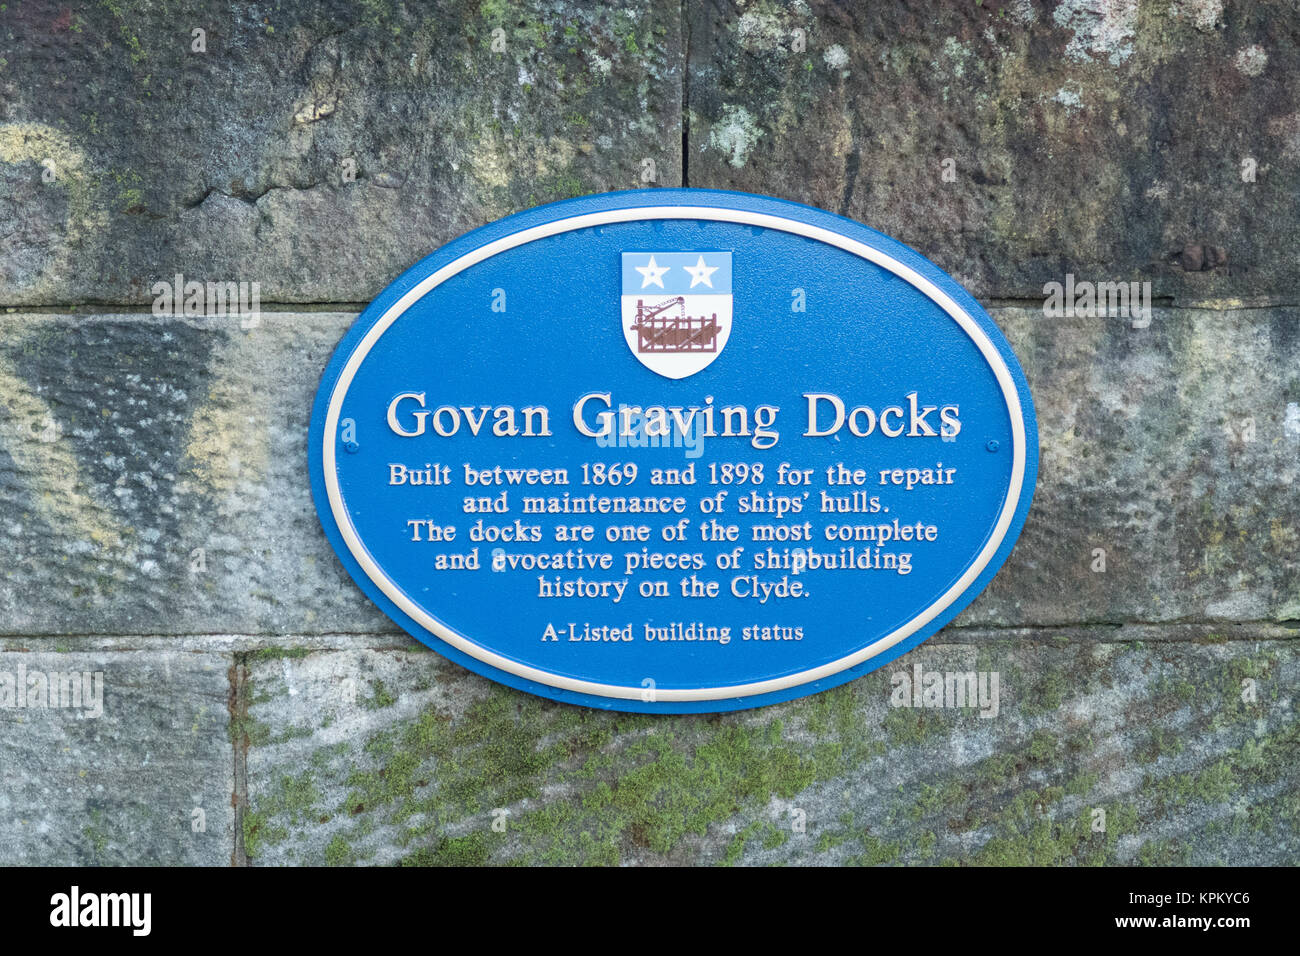 Govan Graving Docks, Glasgow, Scotland, UK - Stock Image